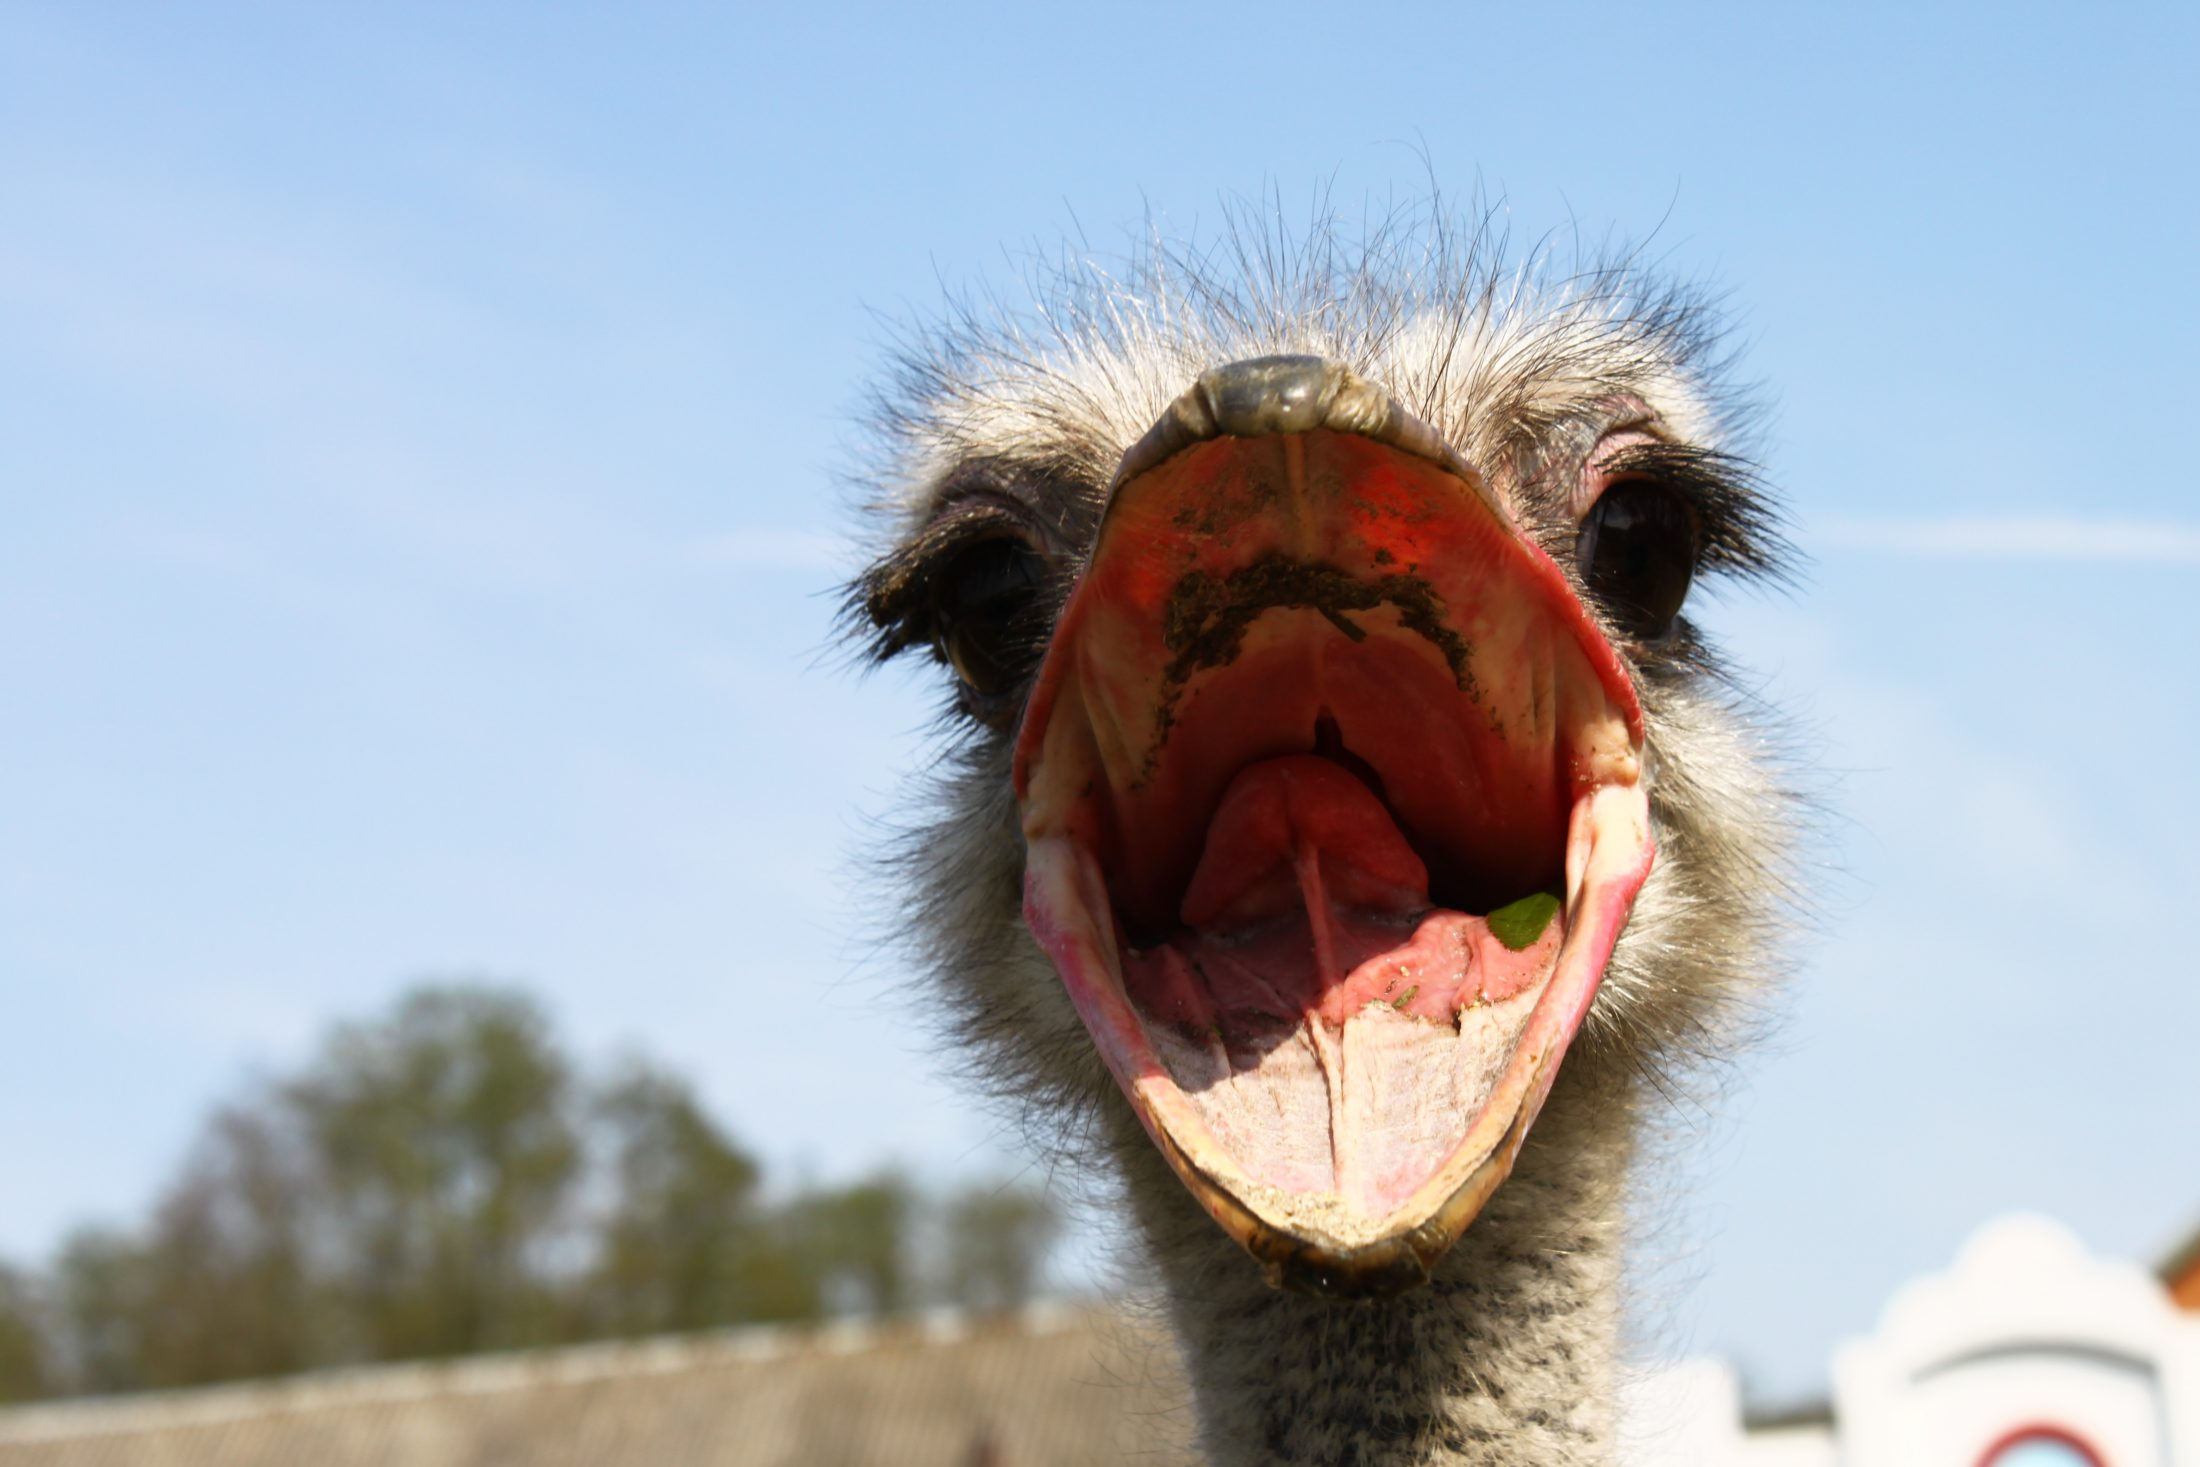 Sonhar com avestruz e suas penas caídas pelo chão representa lutas com entes queridos.